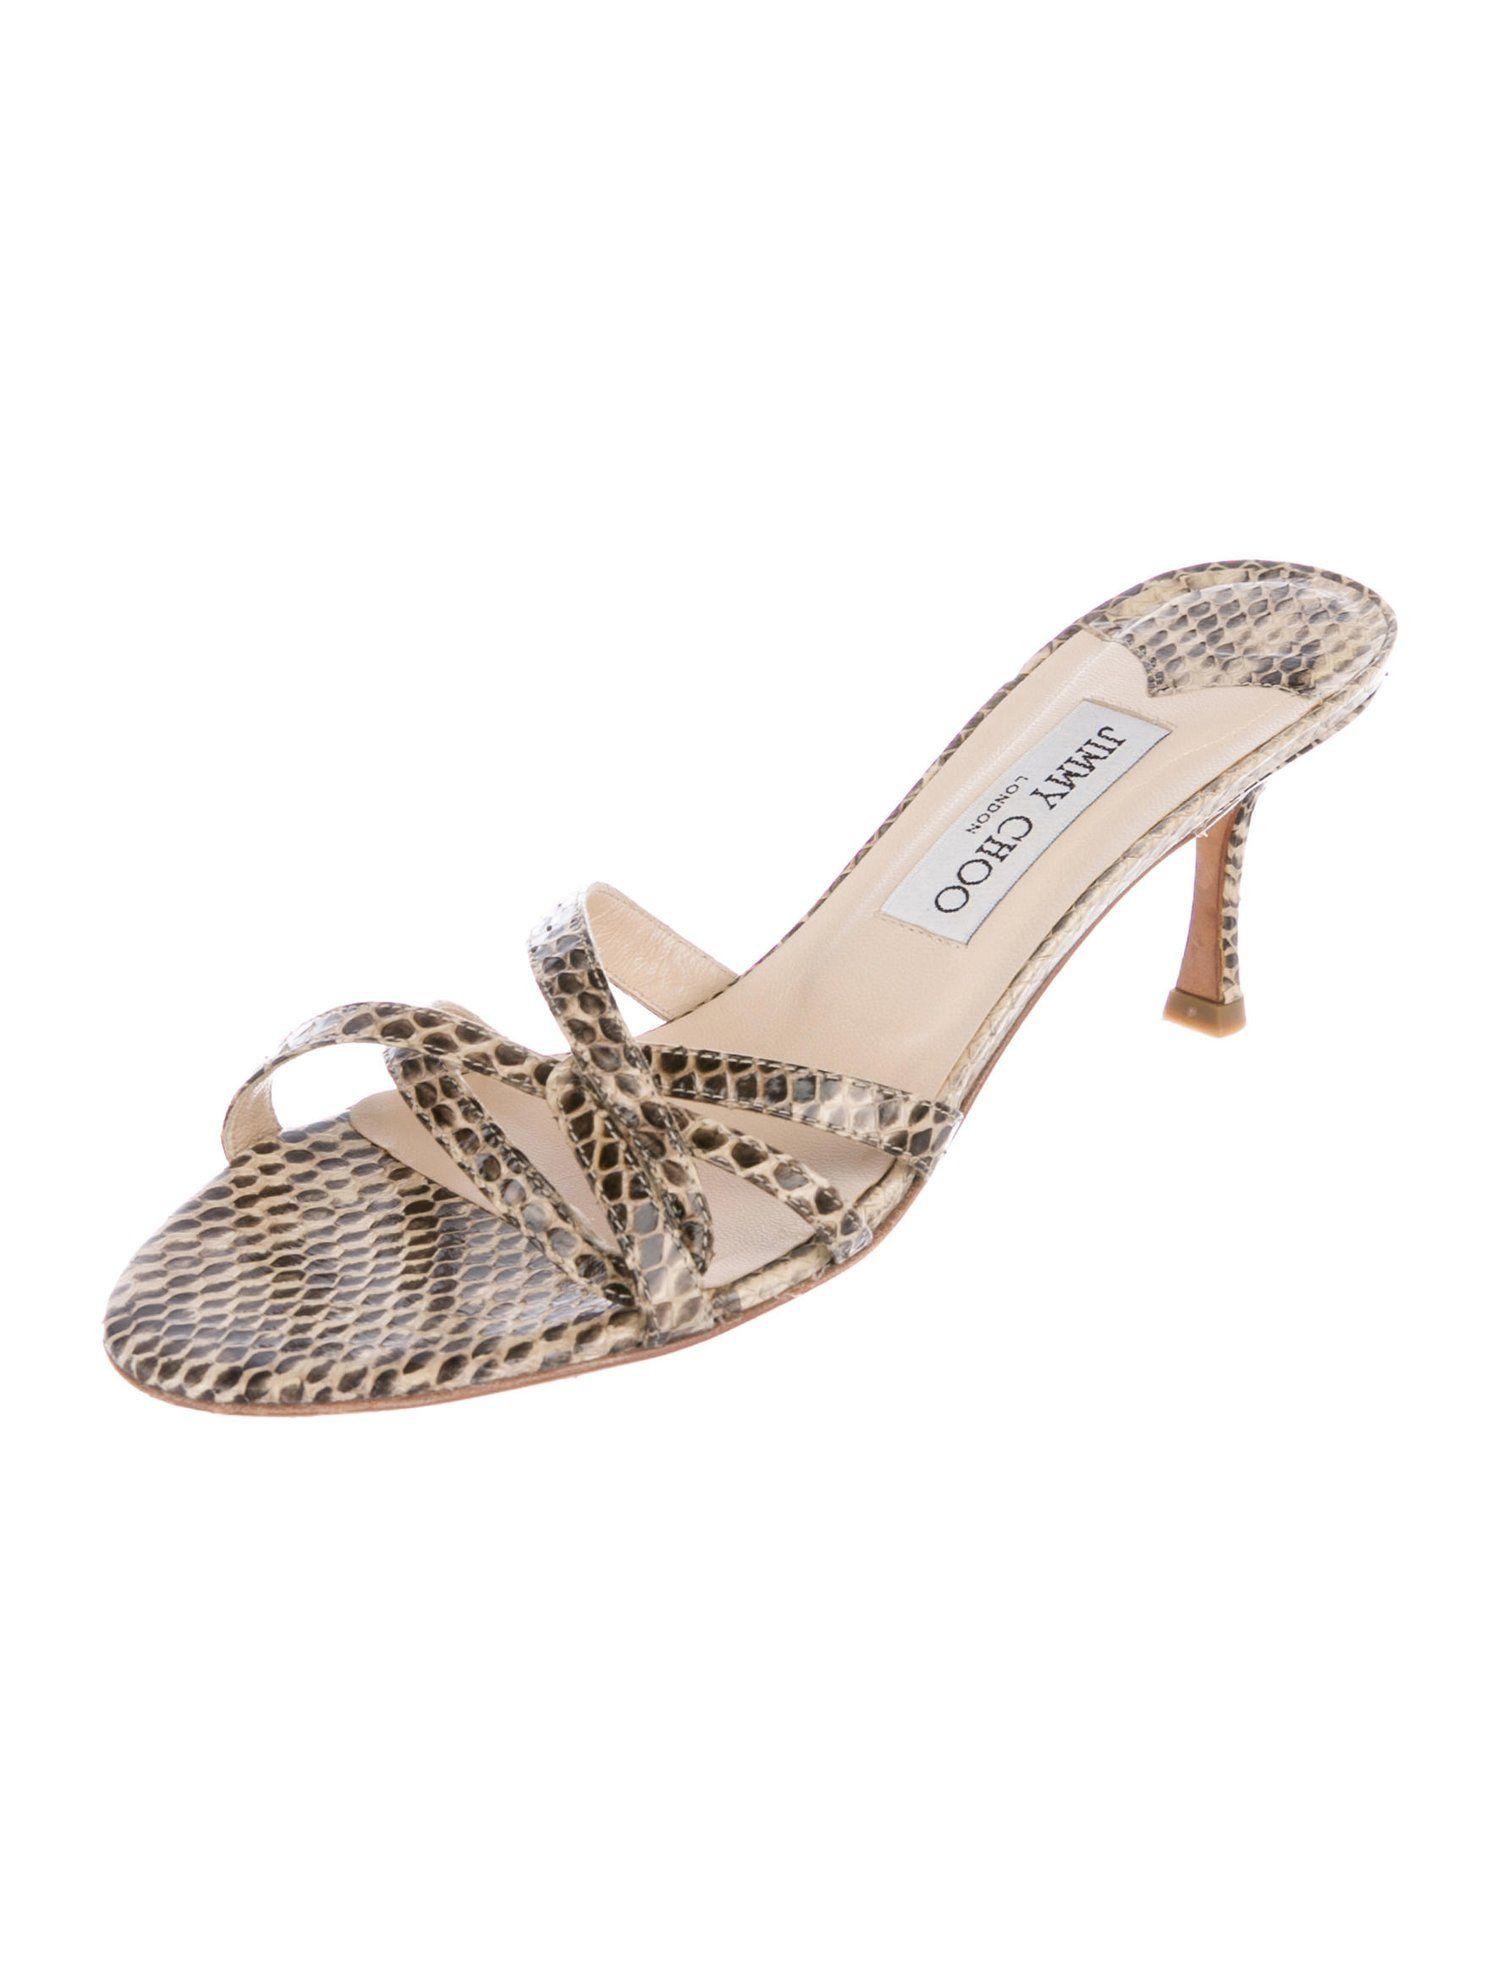 Jimmy Choo Elaphe Snakeskin Slide Sandals Shoes Jim116083 The Realreal Slide Sandals Sandals Jimmy Choo